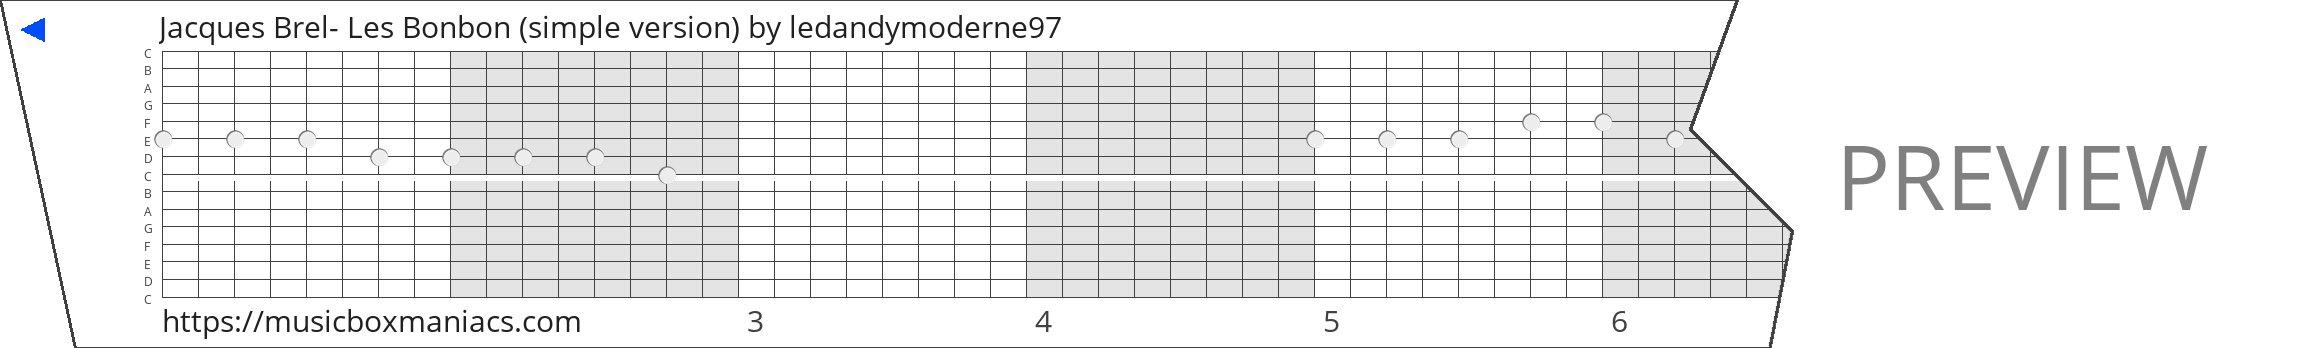 Jacques Brel- Les Bonbon (simple version) 15 note music box paper strip